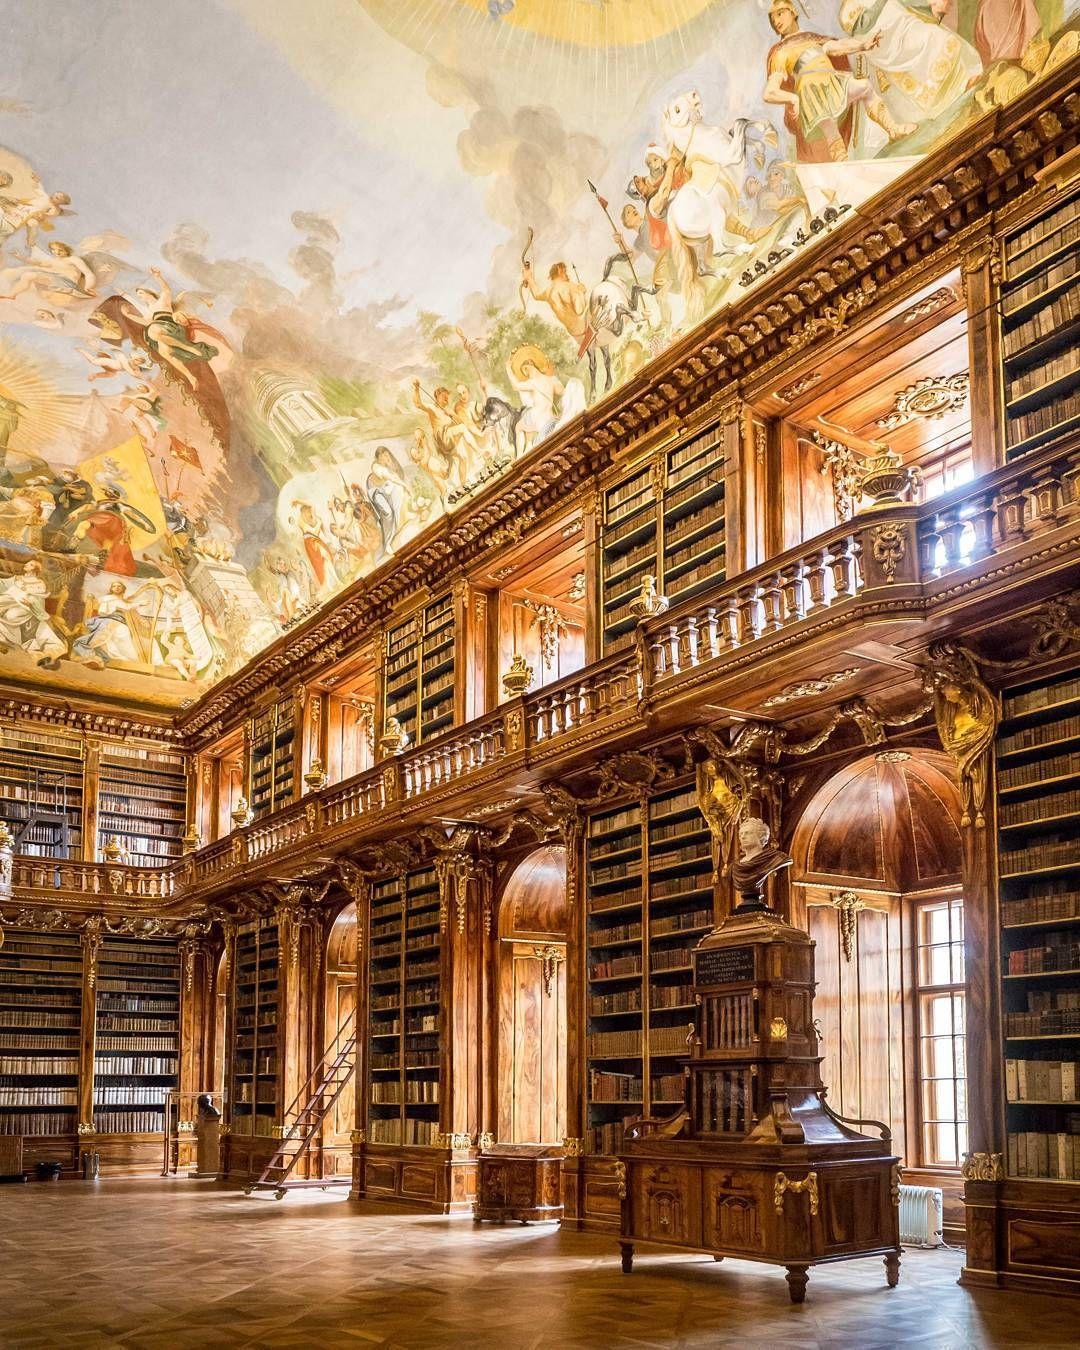 Strahov Monastery Library in Strahov. Czech Republic #Regram via @ottica_prisma_ferrara | House styles. Instagram. Prague